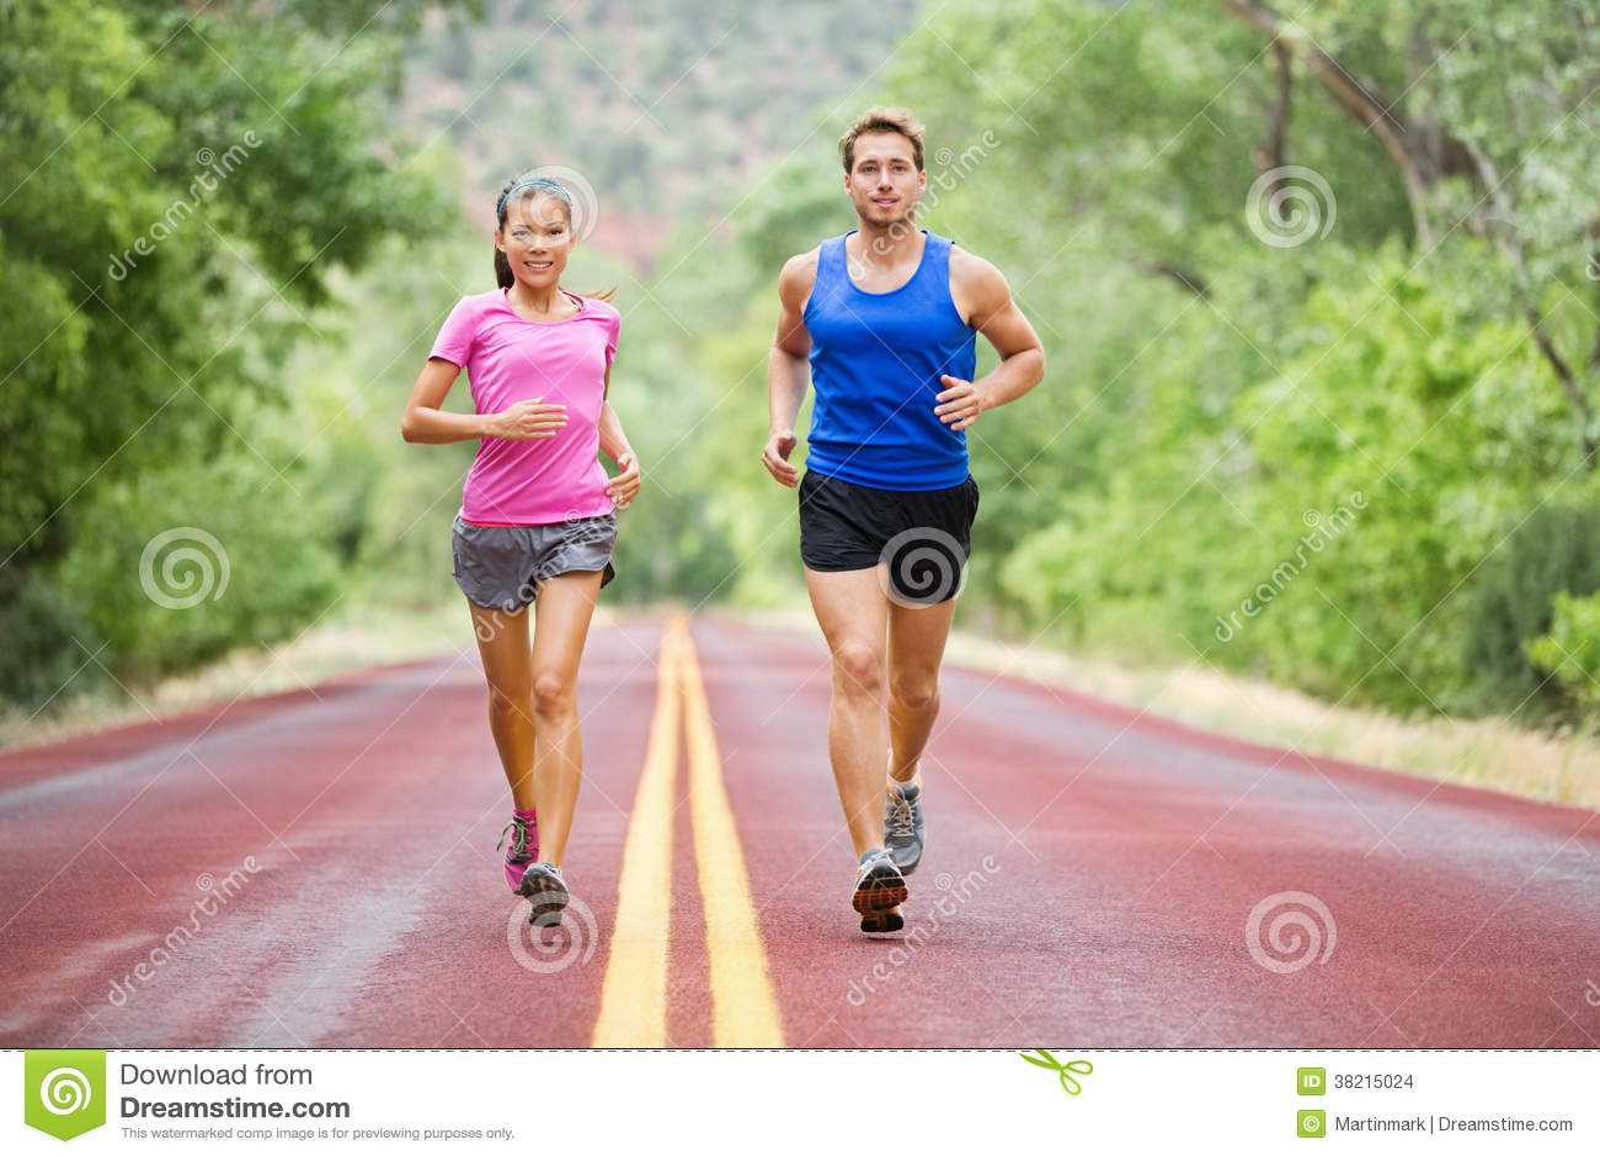 Fitness de lopende jogging van het sportpaar